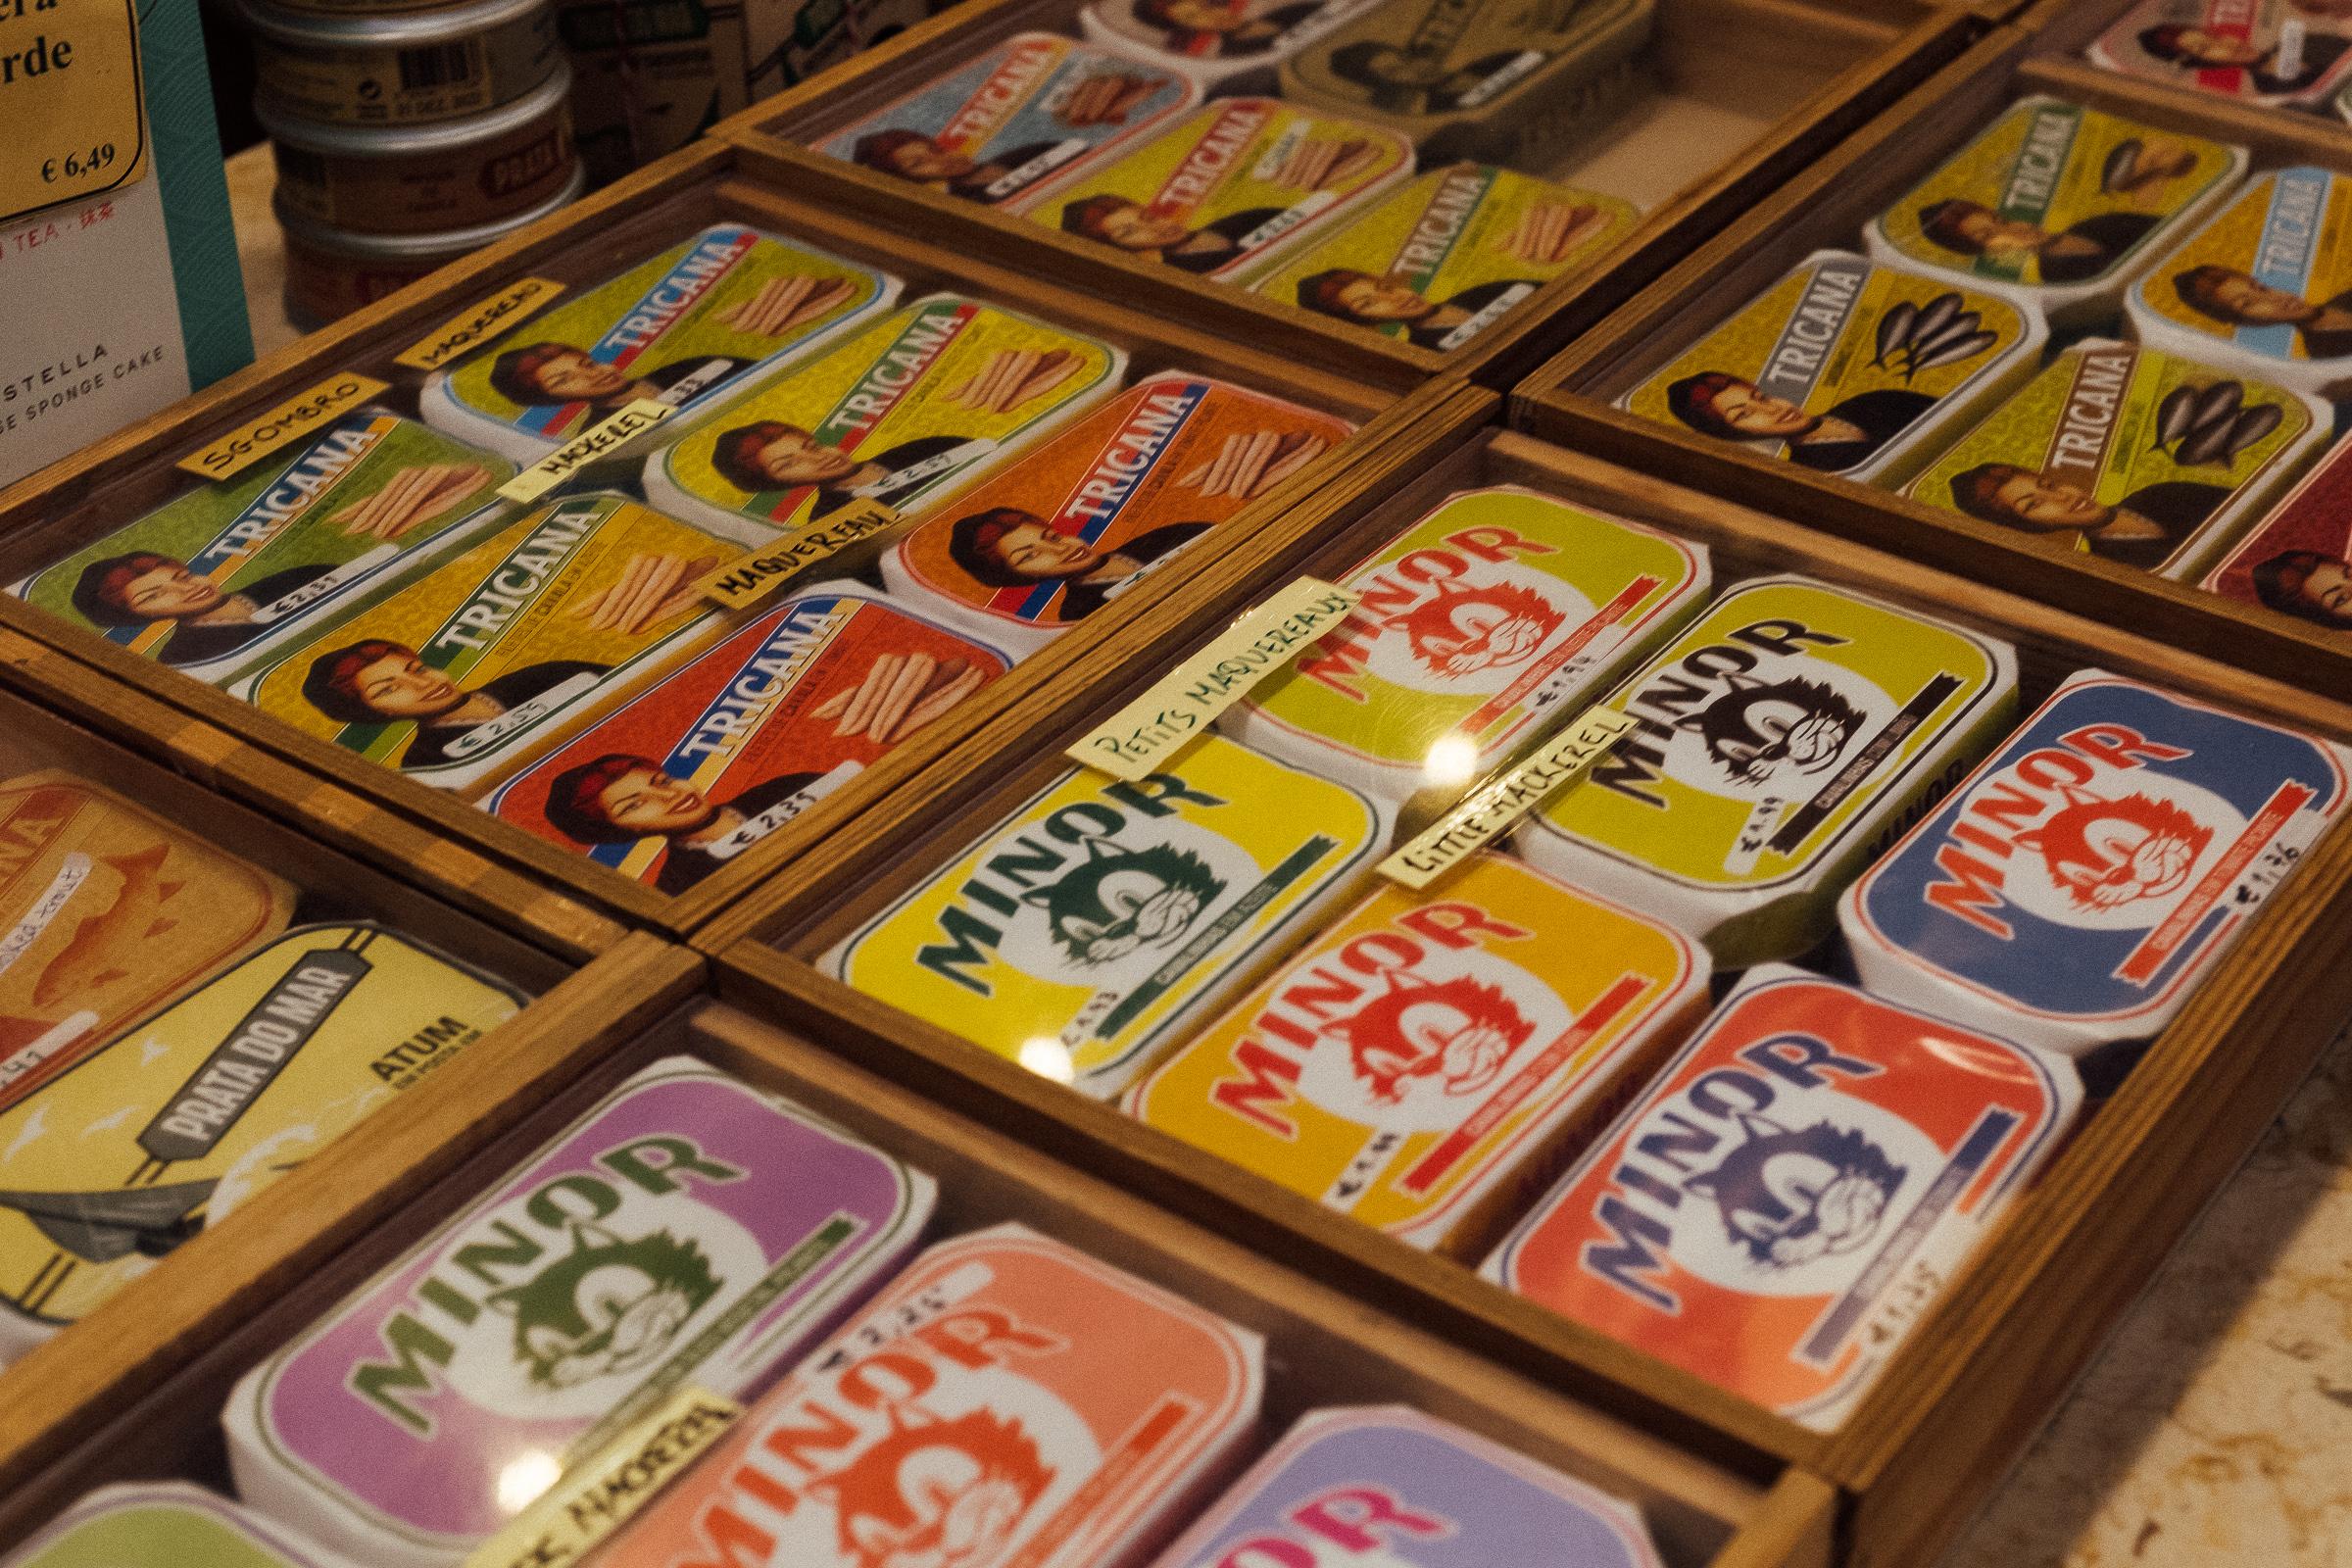 tricana-conserveira-de-lisboa-sardines-7163.jpg